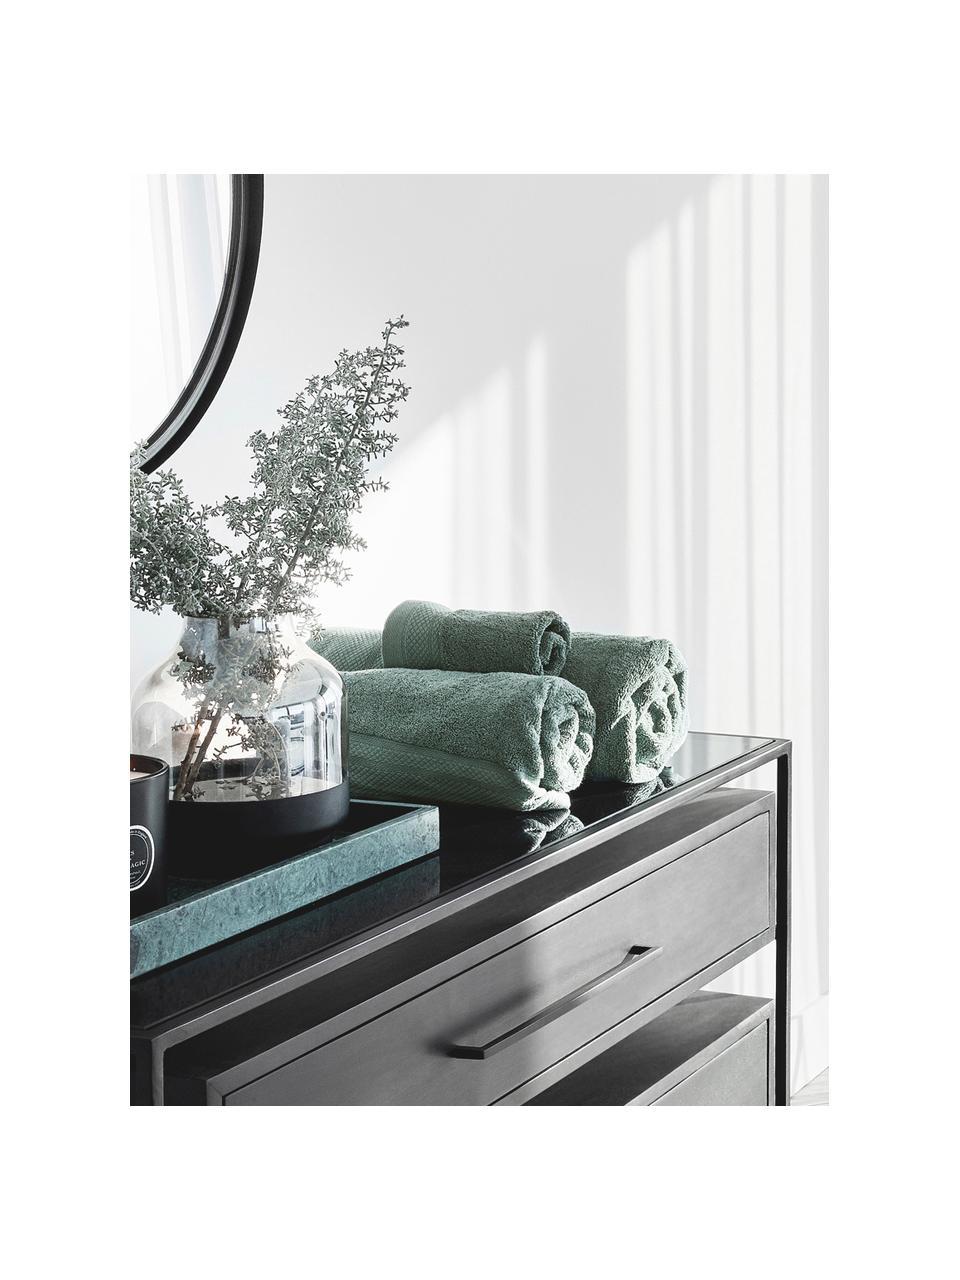 Handdoekenset Premium, 3-delig, Saliegroen, Set met verschillende formaten